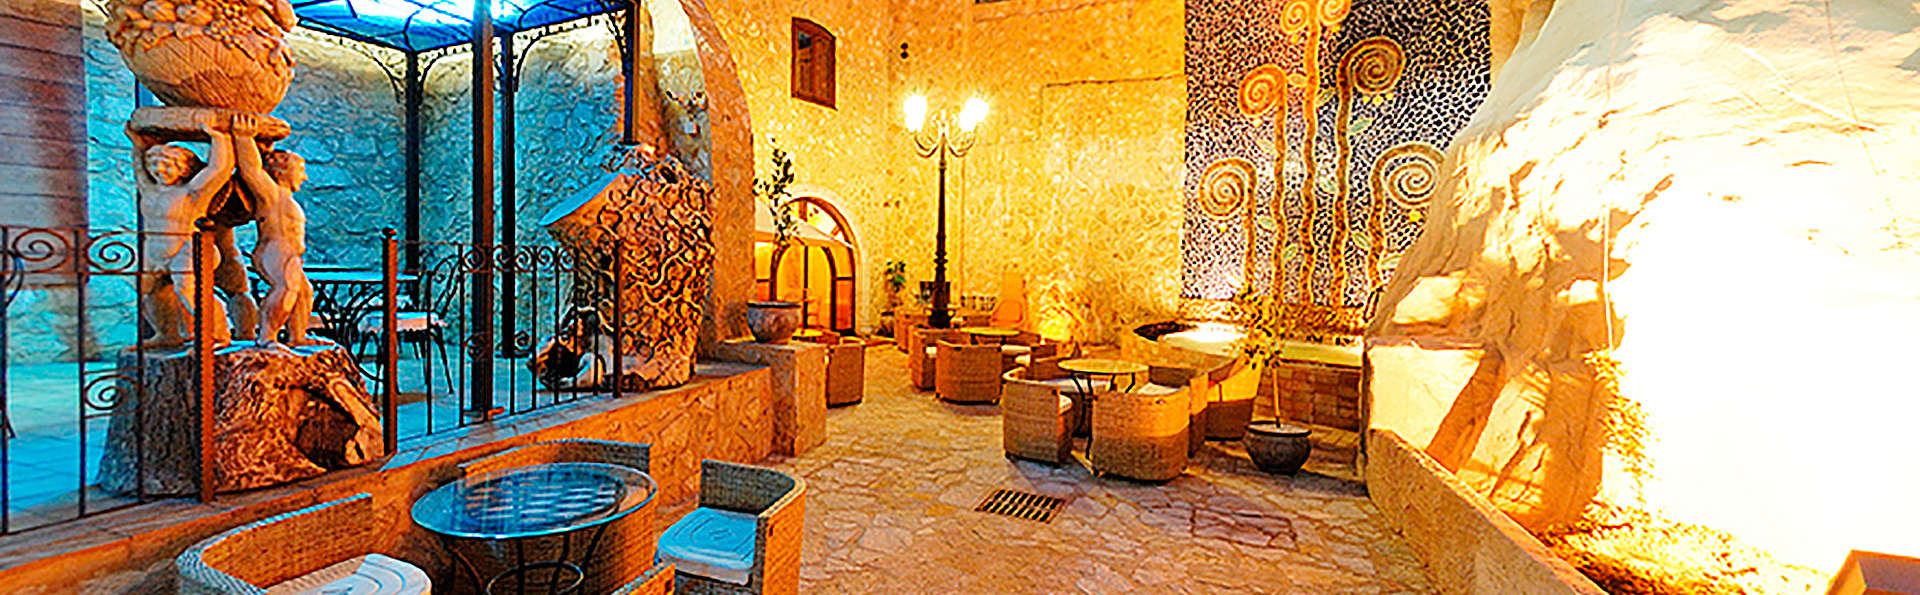 Grand Hotel La Batia - edit_vialedelluomo.jpg